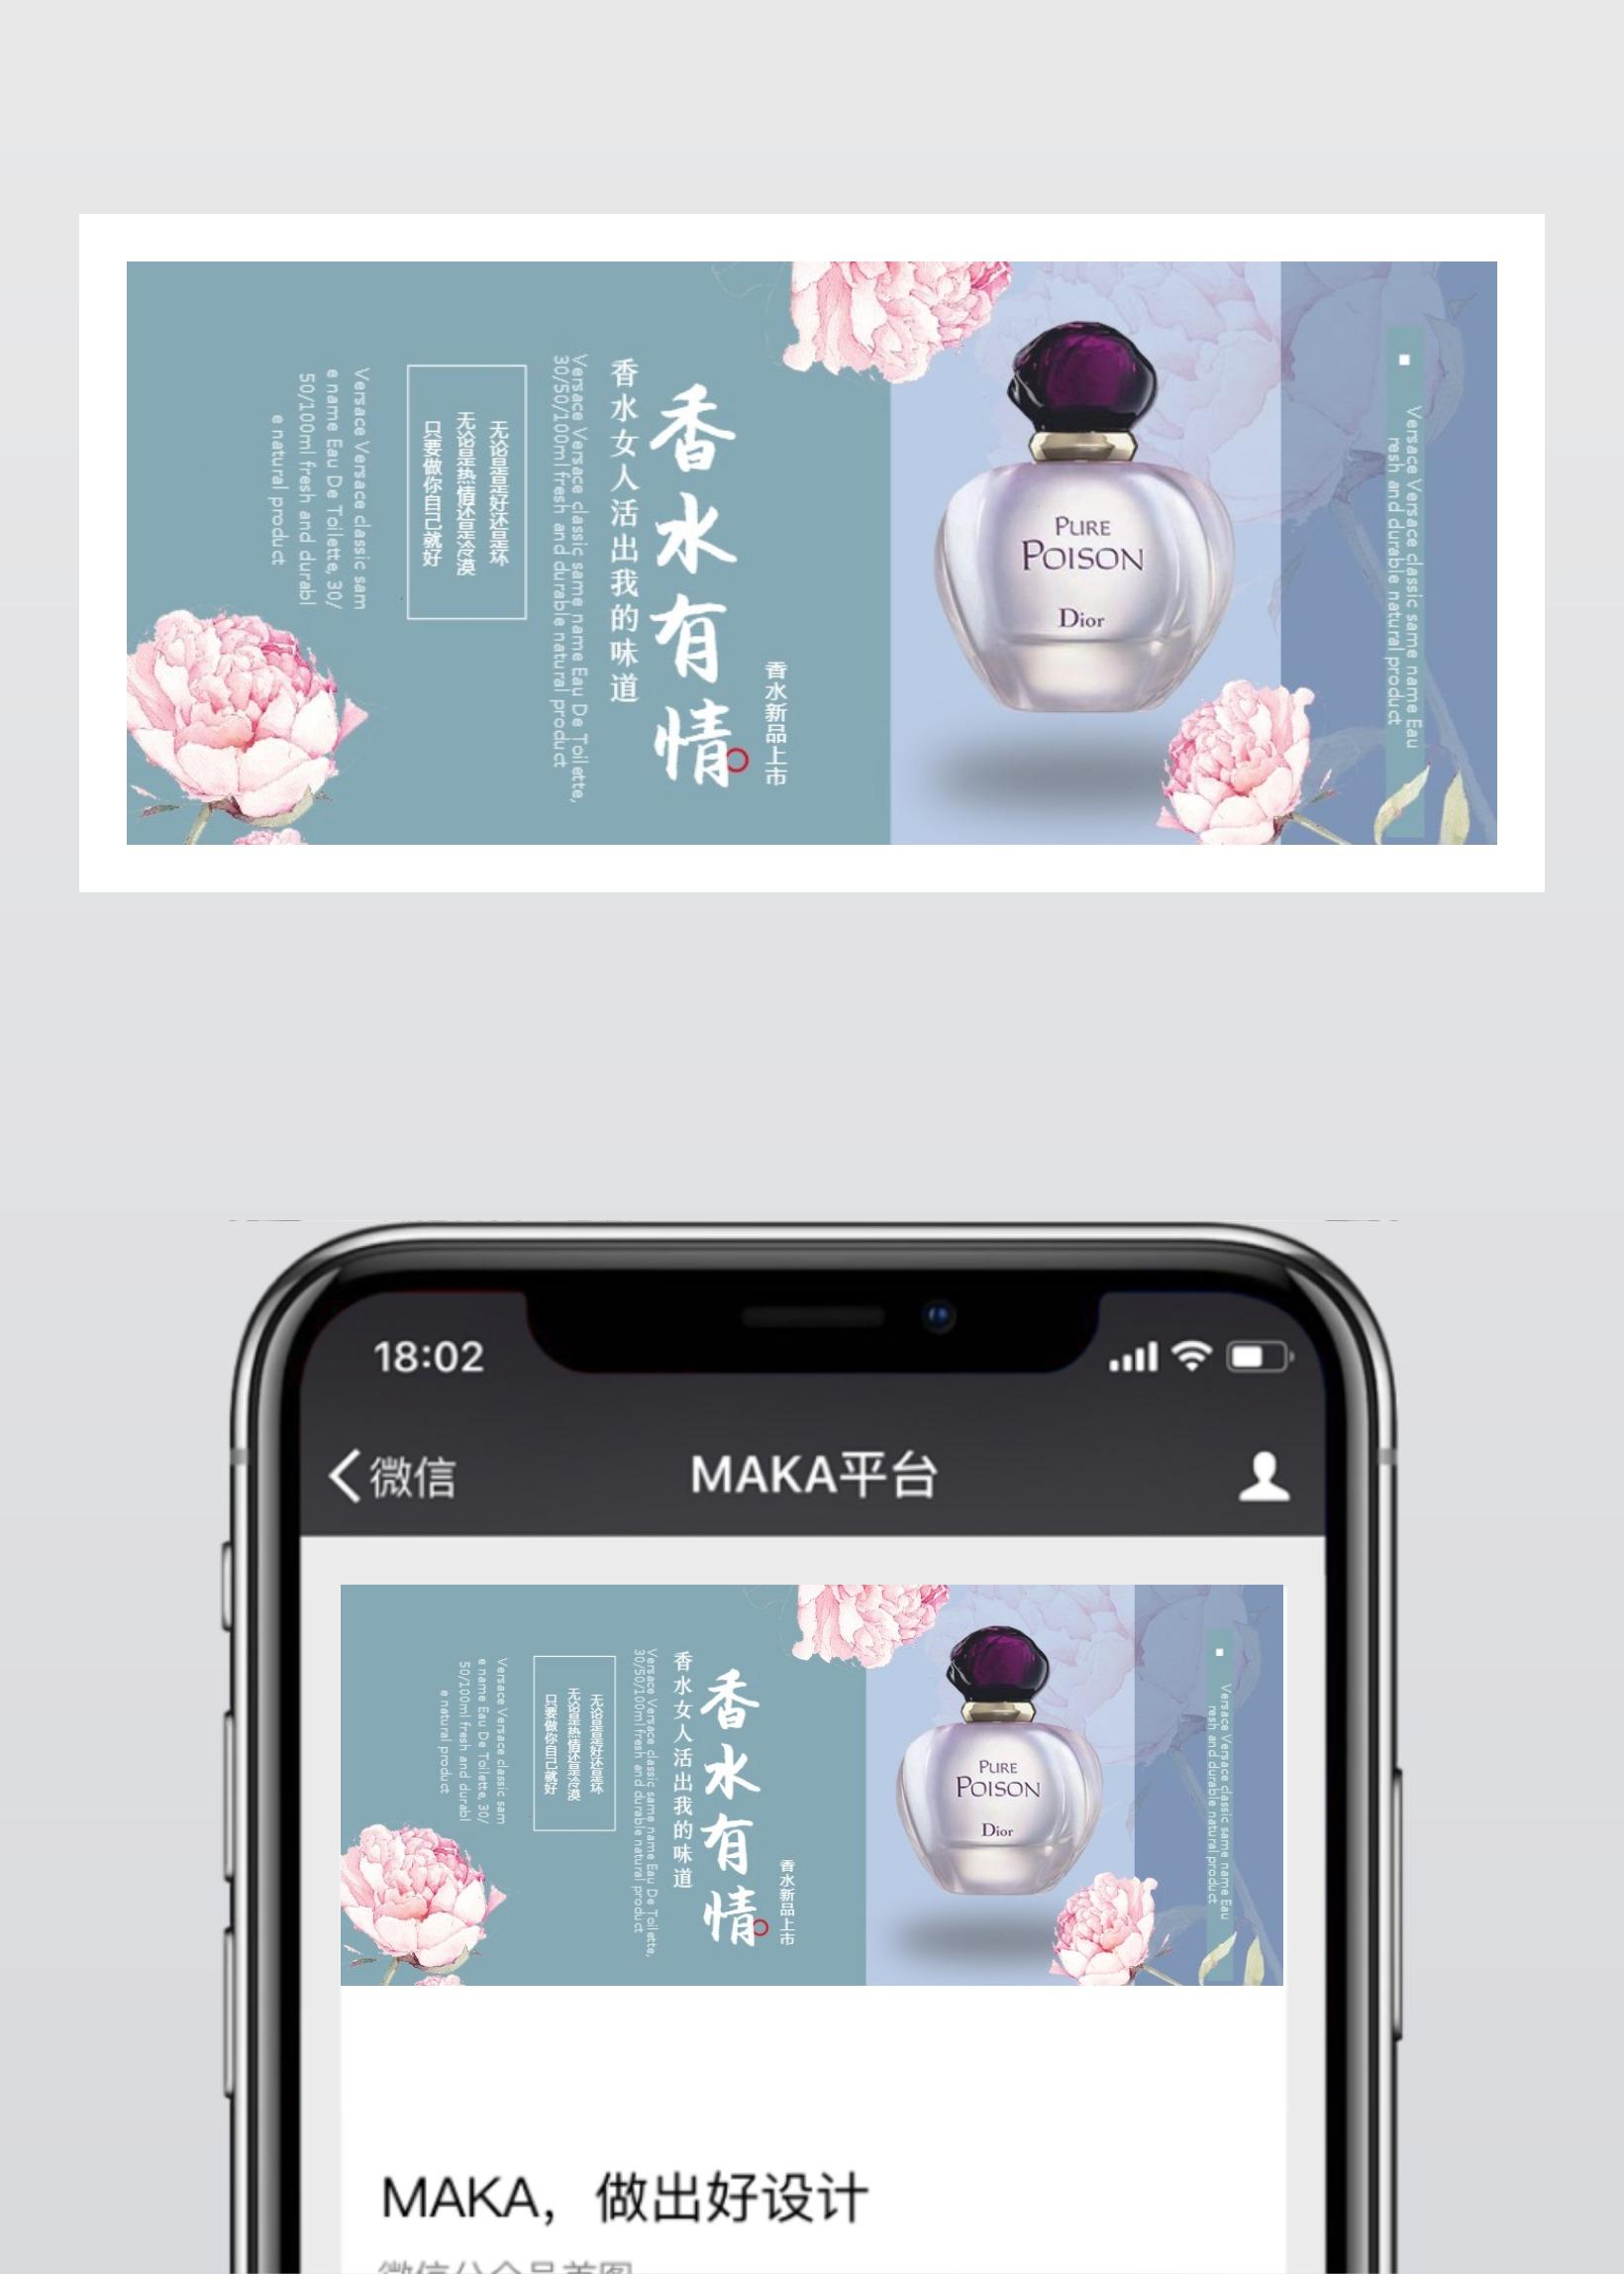 清新化妆品香水促销活动新版公众号封面图